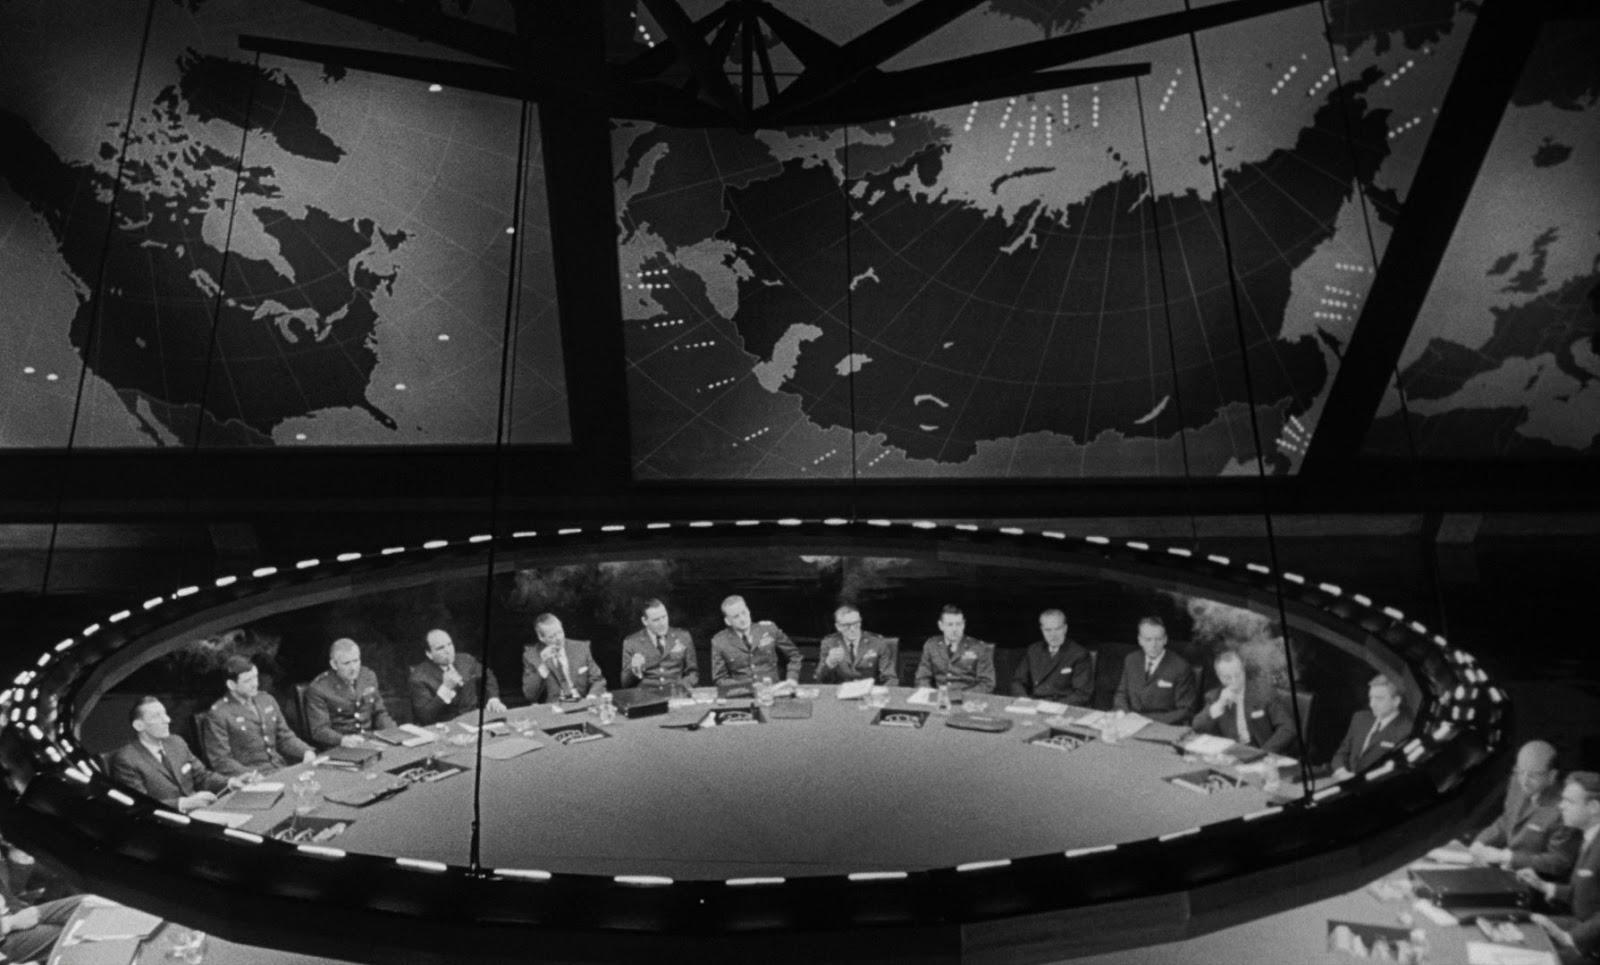 Stanley Kubrick: Dr. Strangelove